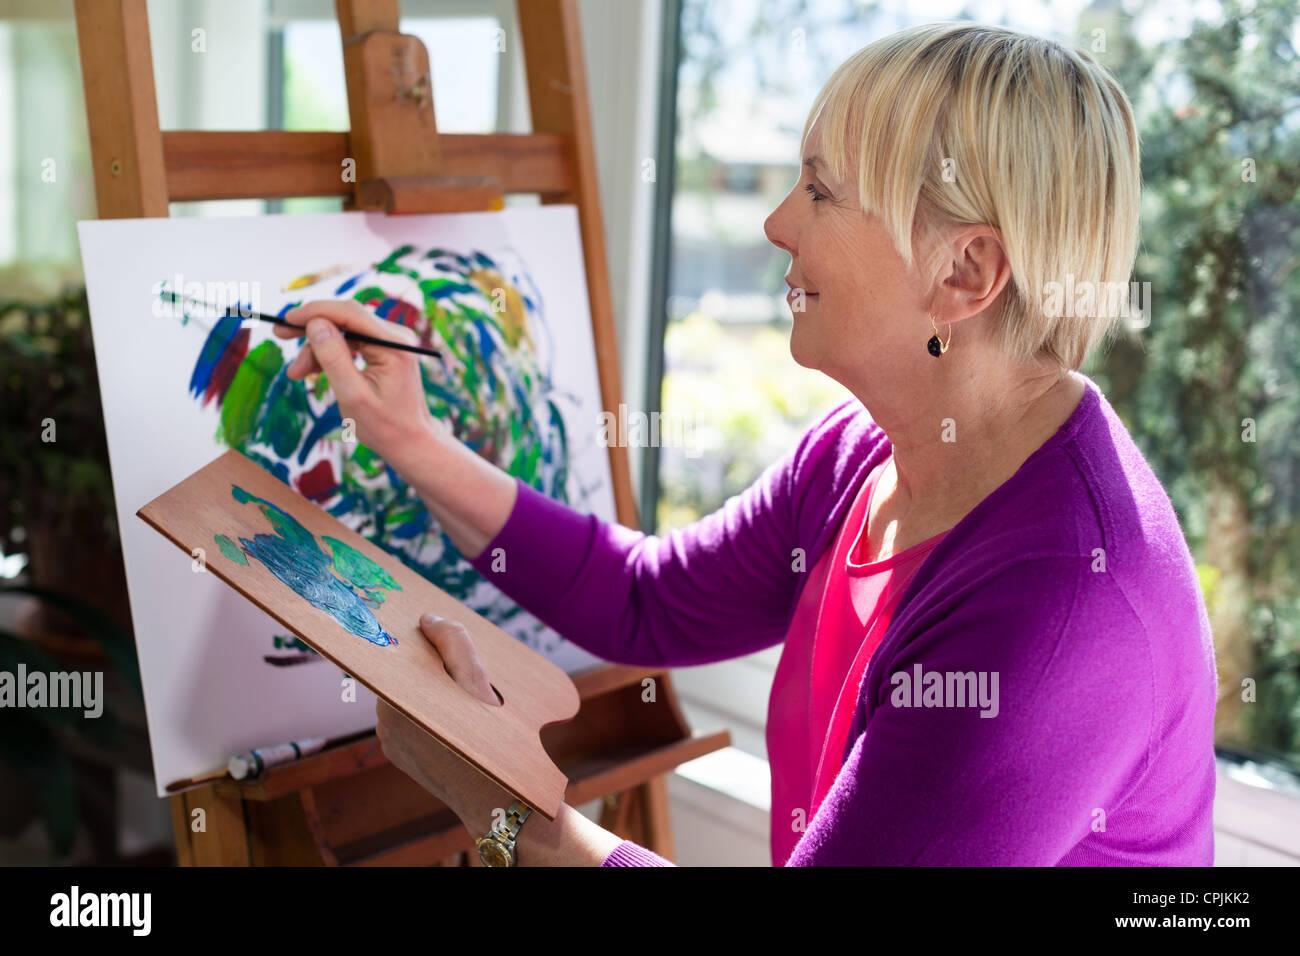 Felice pensionato donna dipinto su tela per il divertimento a casa Immagini Stock